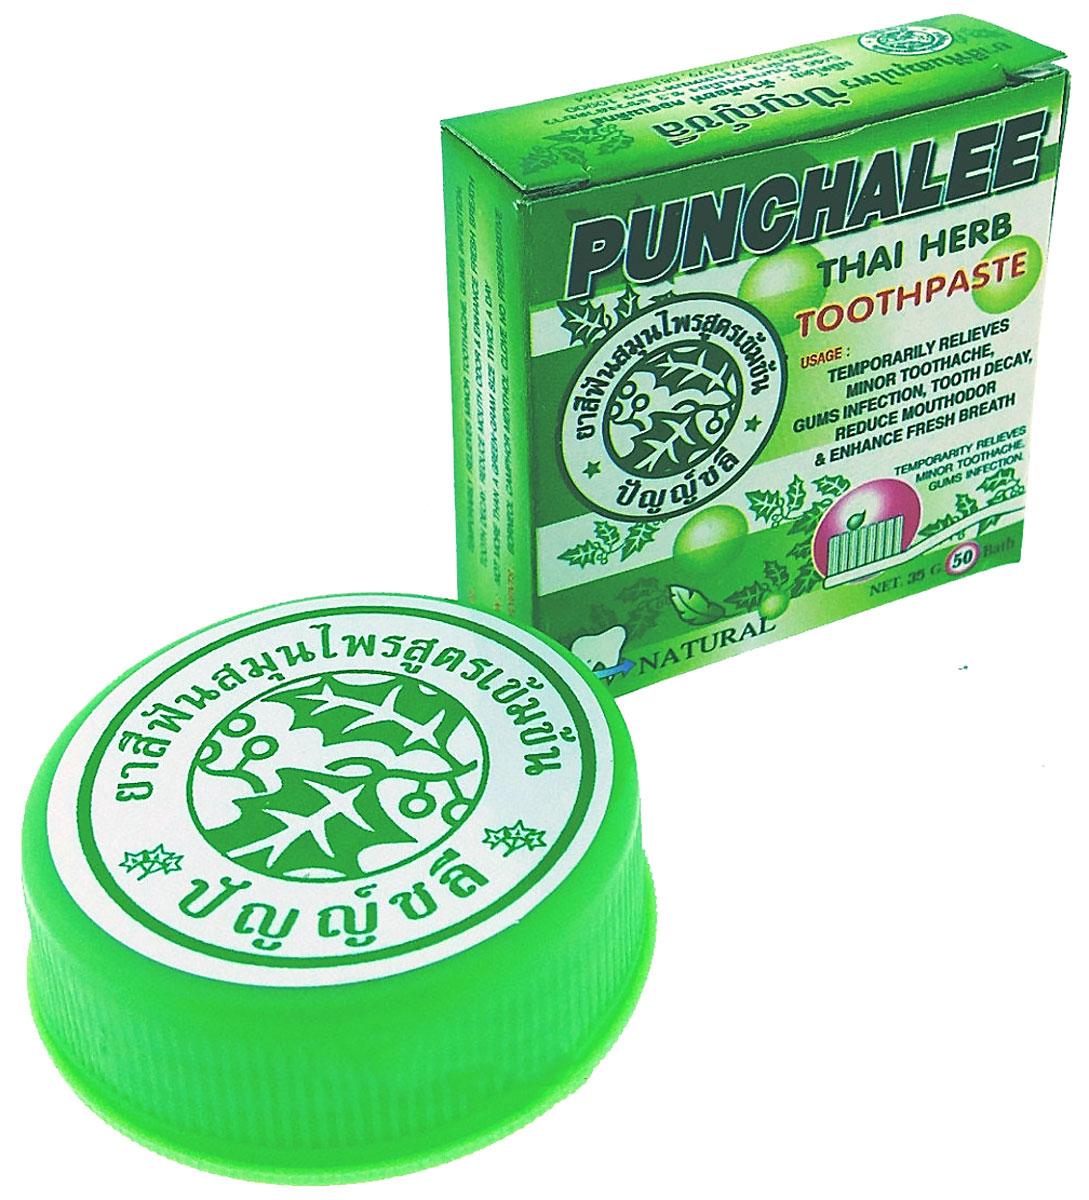 Punchalee Растительная зубная паста отбеливающая с ментолом Herbal Toothpaste, 25 г7612Тайская зубная паста Punchalee не содержит химикатов и является 100% органическим продуктом! Благодаря натуральному составу эффективно отбеливает зубы, препятствует образованию зубного камня, удаляет темный налет от кофе, чая и табака, обладает антибактериальным эффектом, освежает полость рта, снижает чувствительность зубов. Имеет эфирно-травяной вкус, не содержит ароматизаторов и подсластителей. Результат становится заметен через неделю после начала использования пасты. Огромным плюсом зубной пасты Punchalee является ее экономичность. Одной баночки хватает на 2-3 месяца регулярного использования.